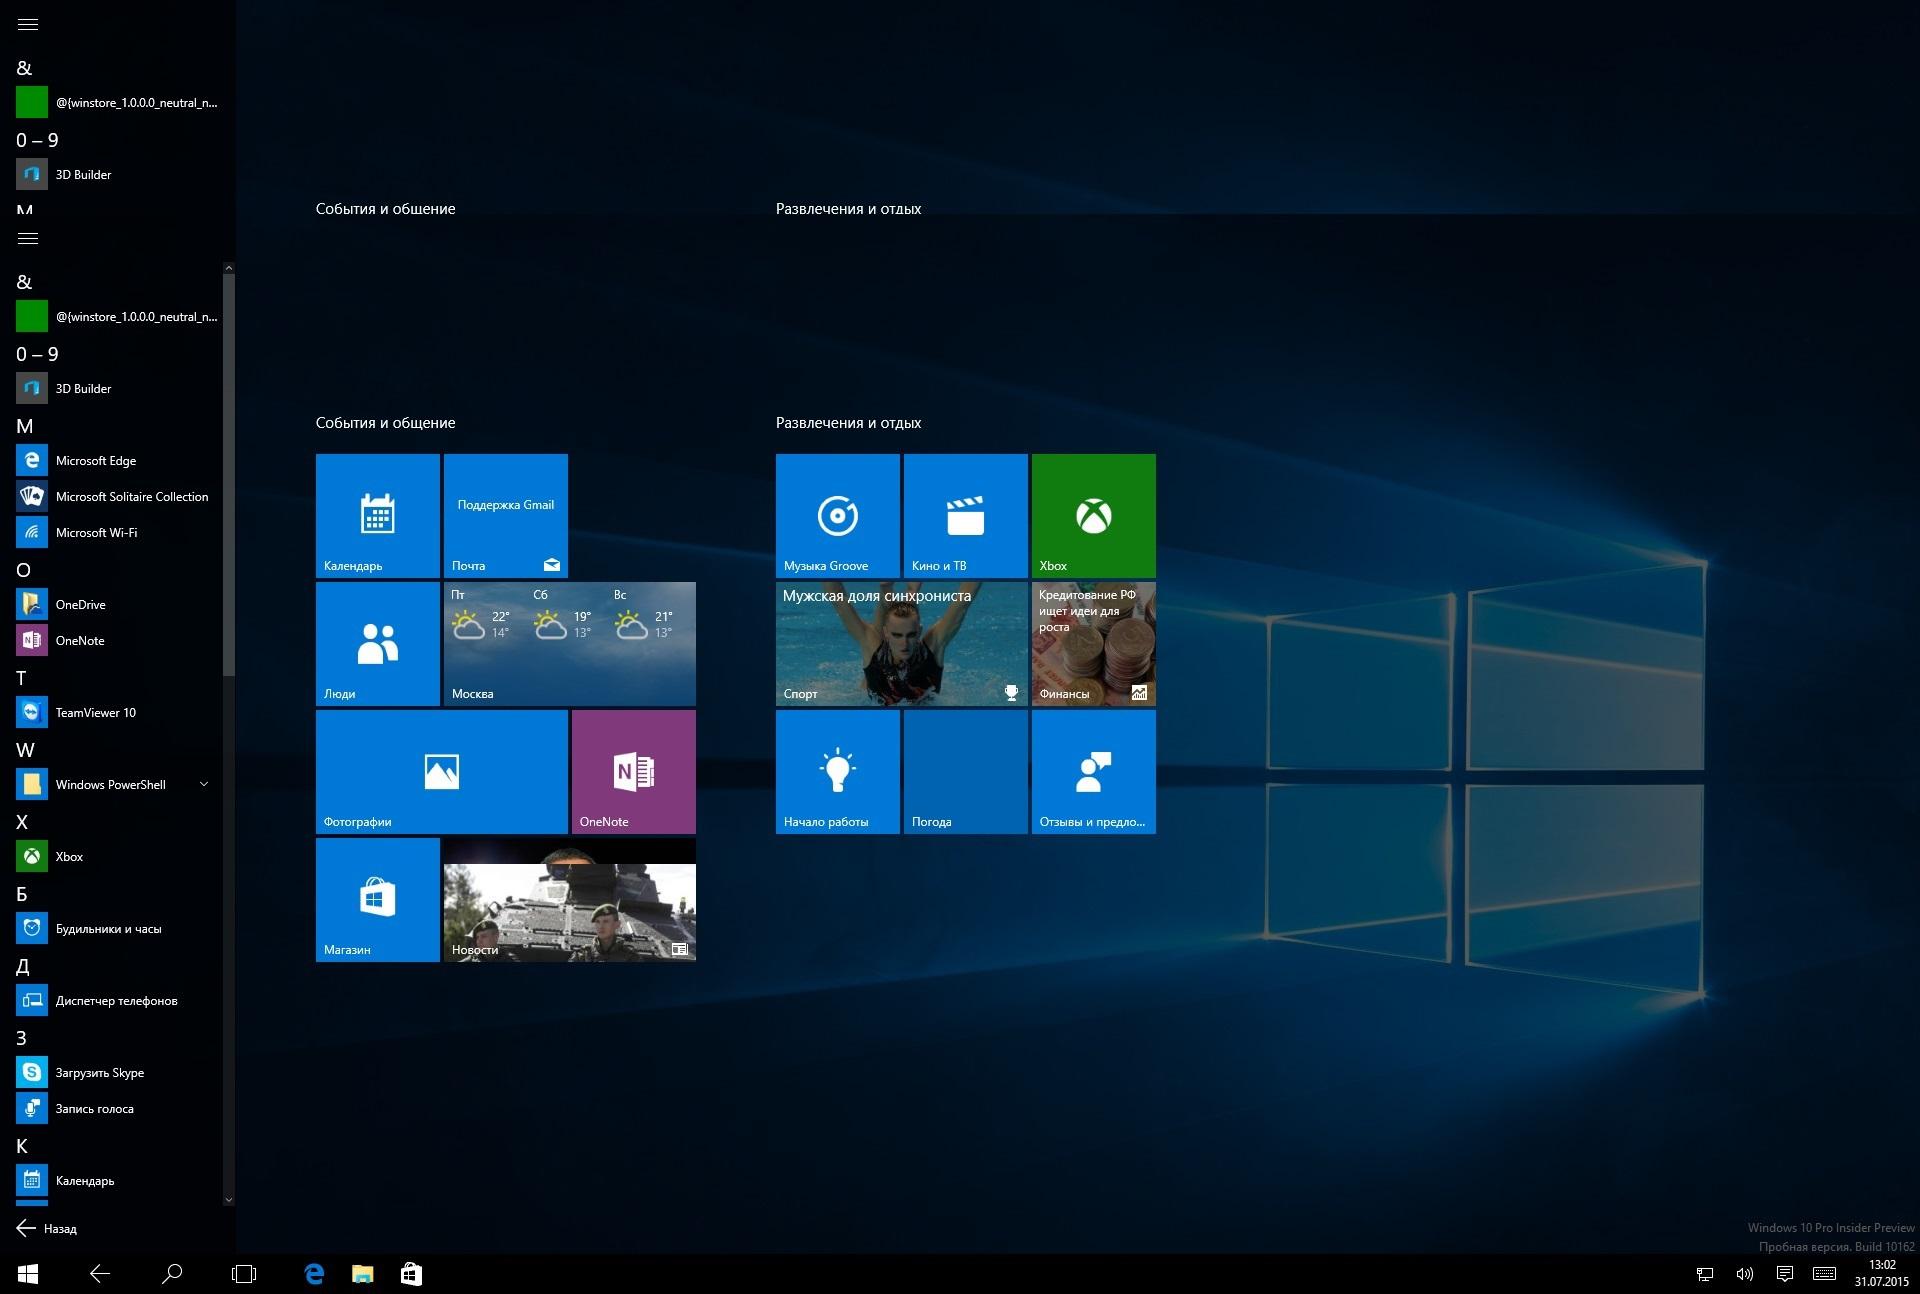 Как сделать скрин на планшете windows 10